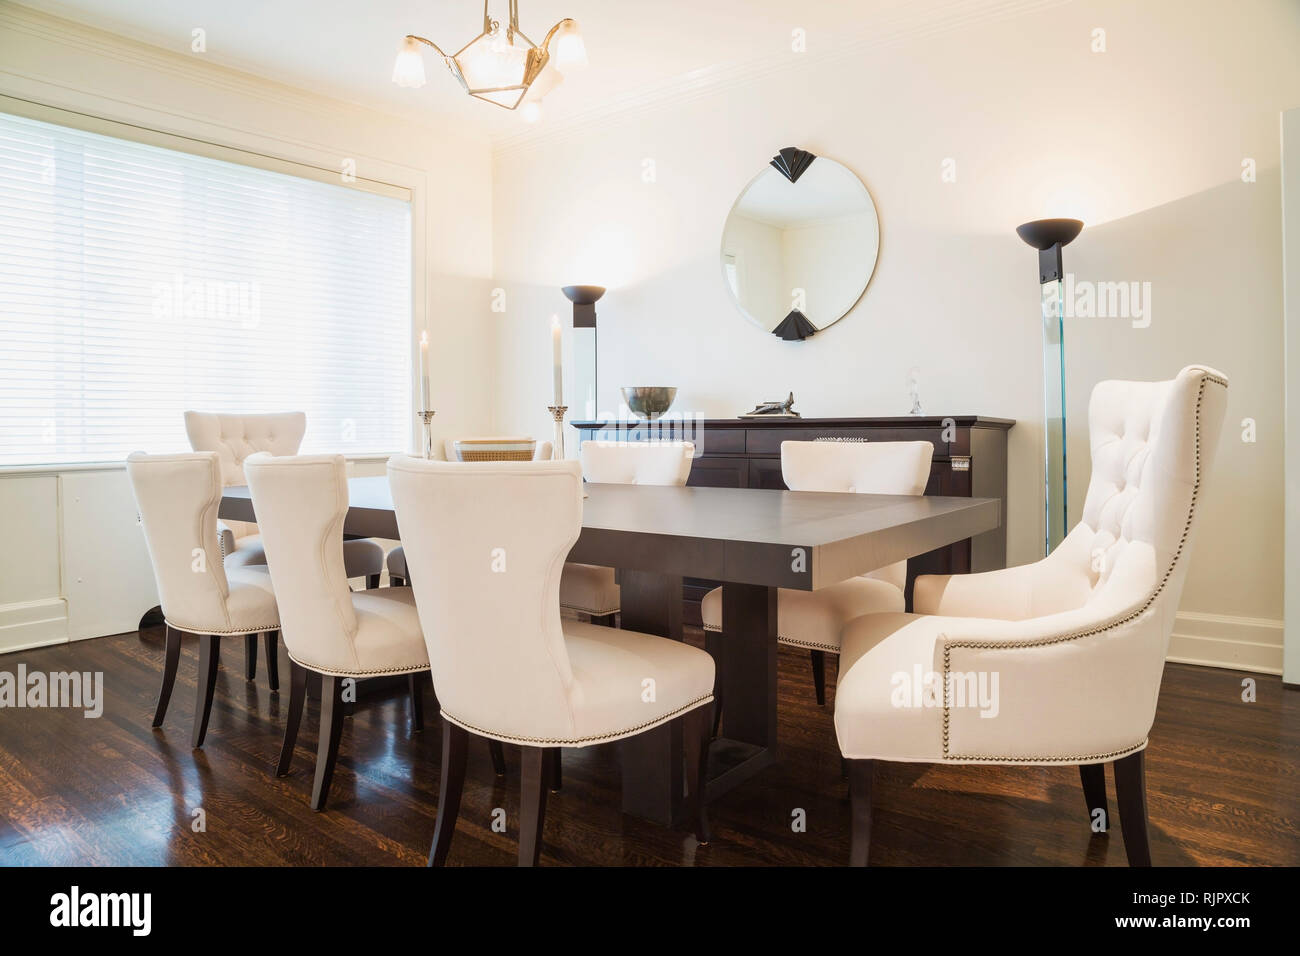 Legno scuro tavolo da pranzo con un panno bianco sedie